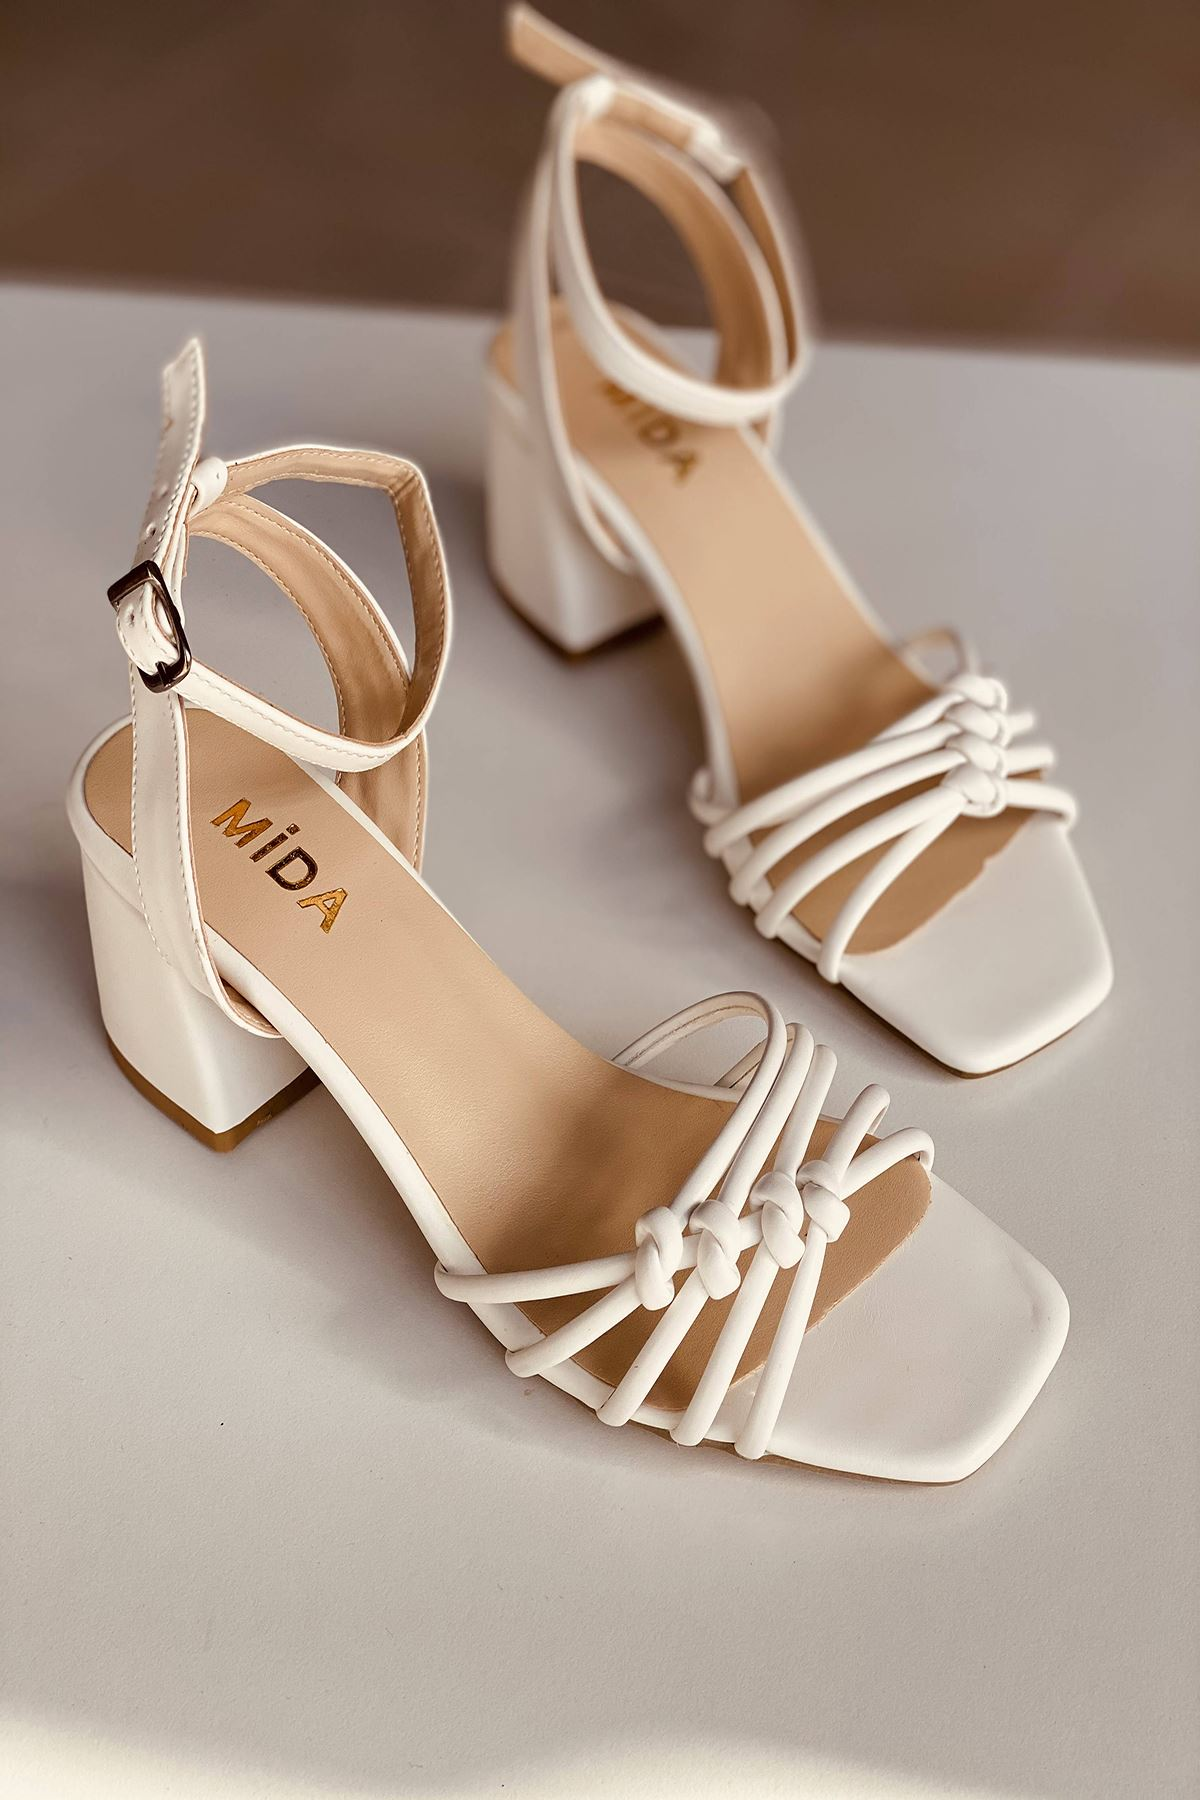 Y802 Beyaz Deri Topuklu Ayakkabı